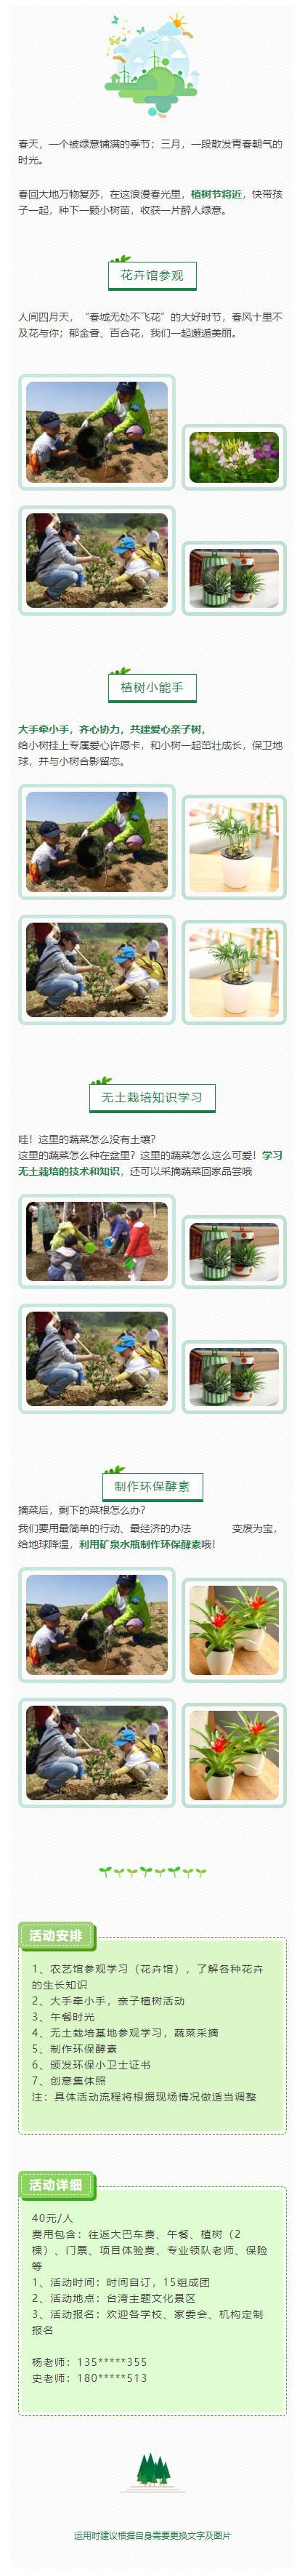 植树节绿色风格清新节日素材模板微信推文